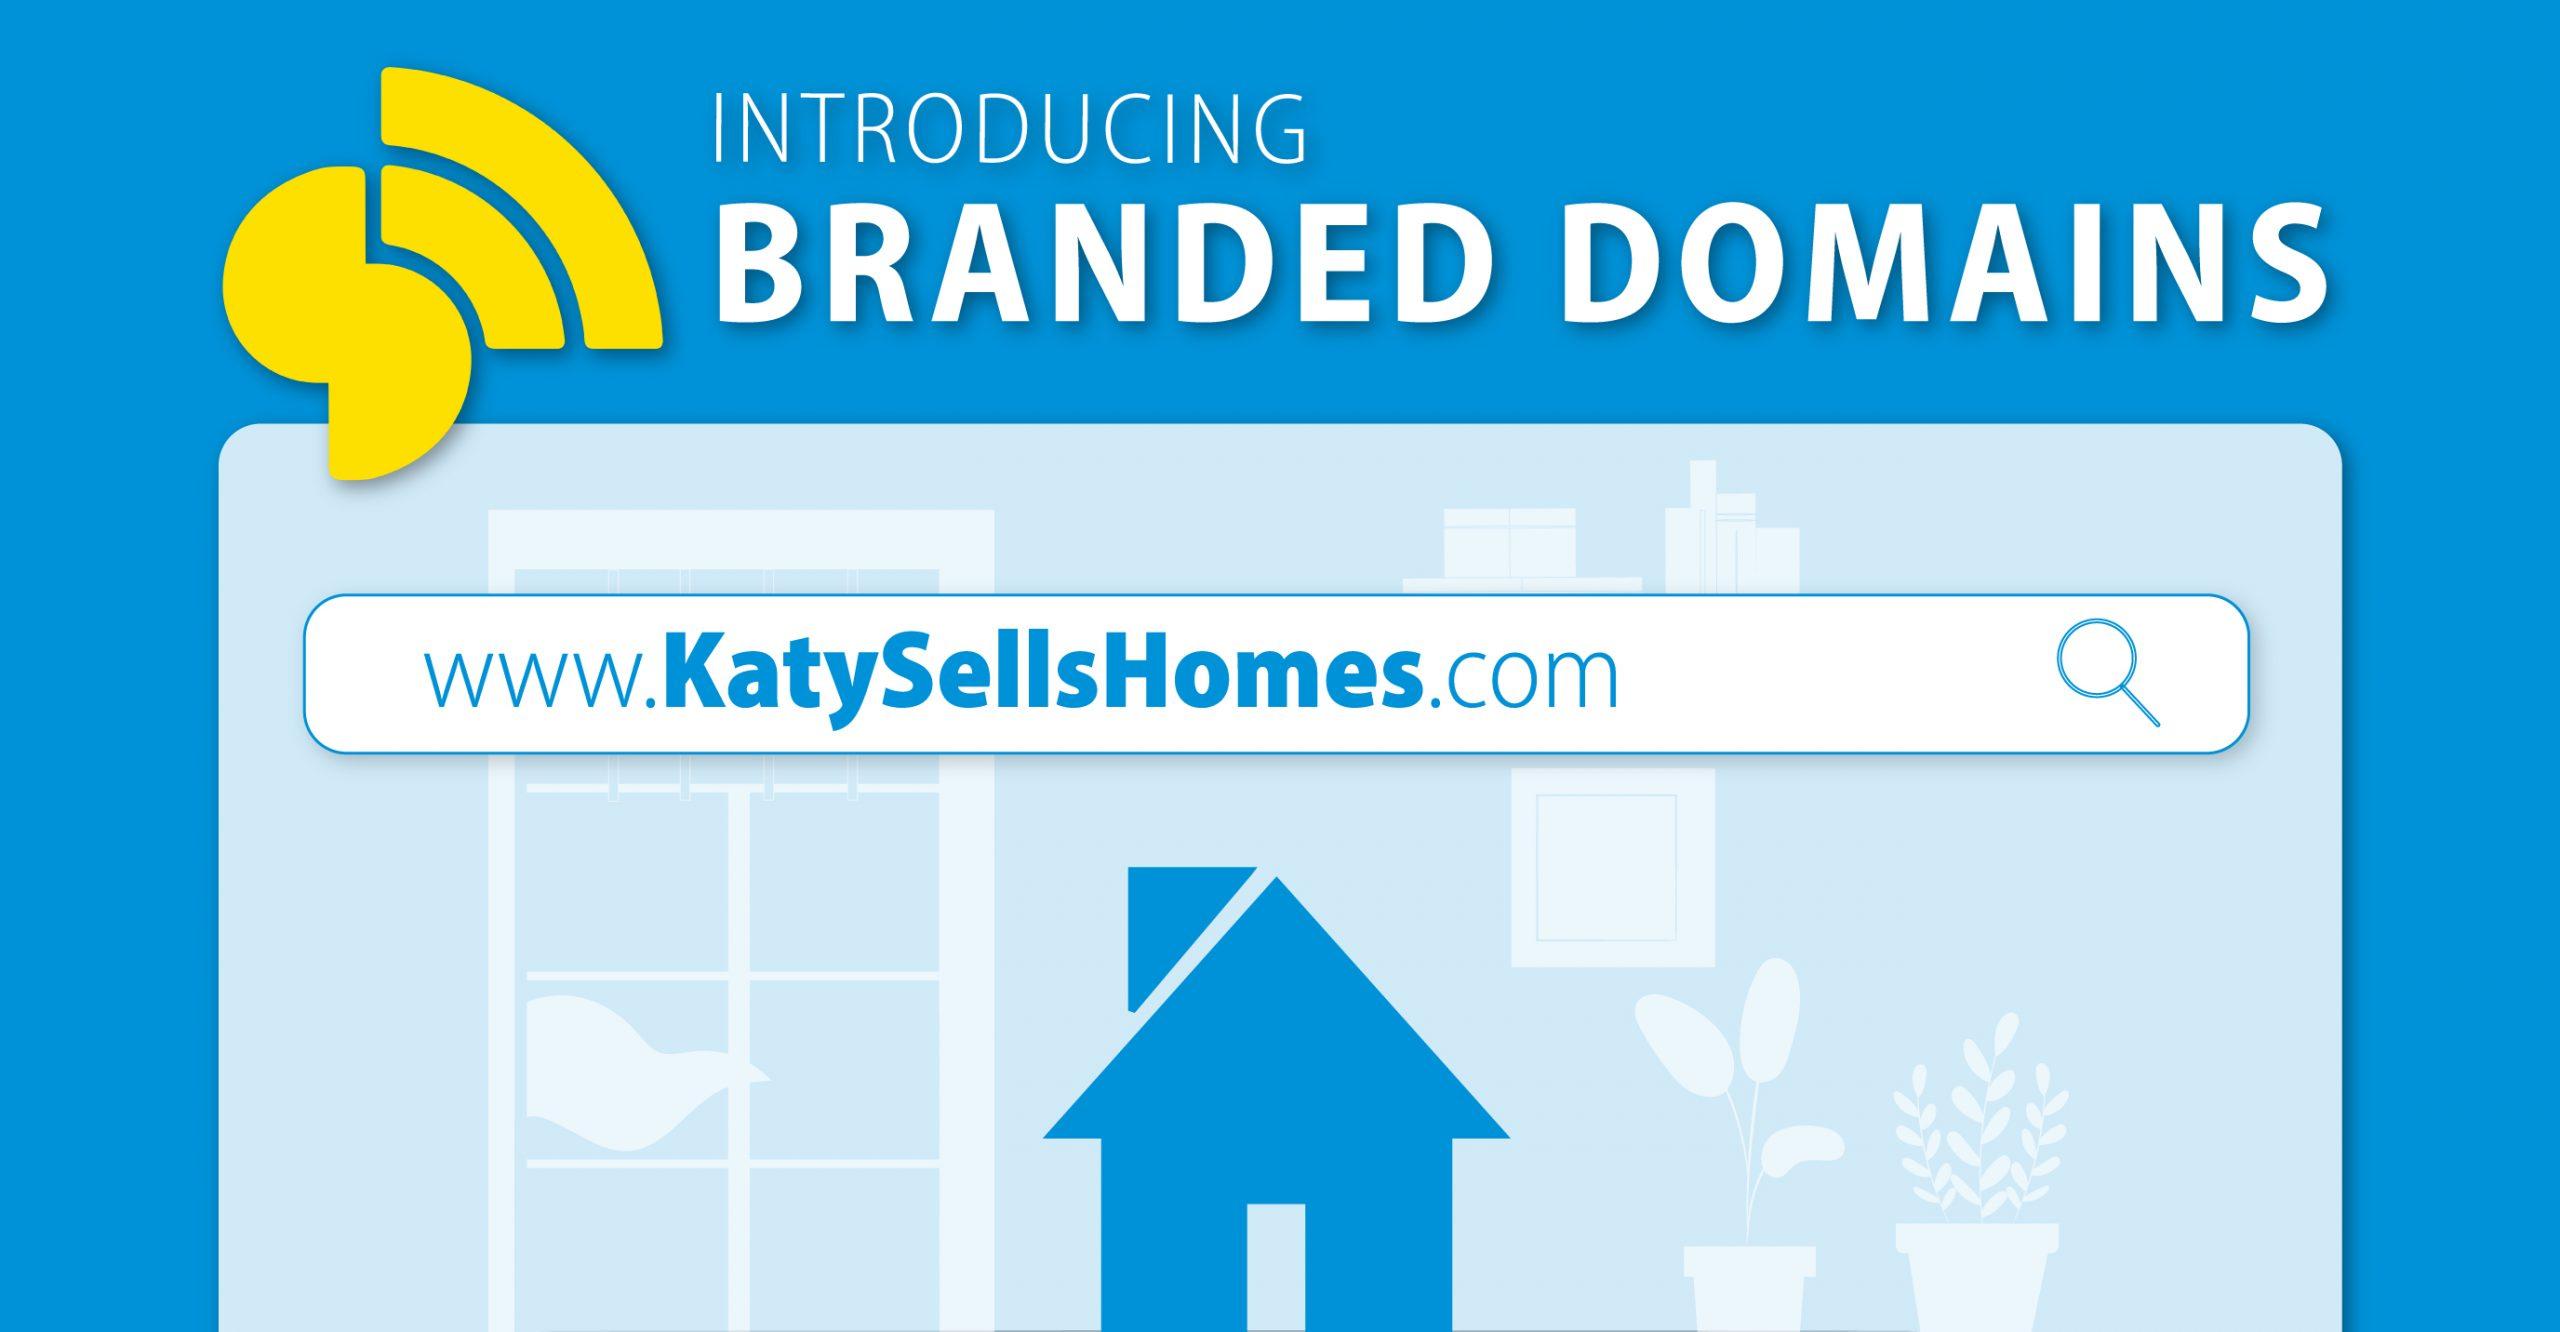 StreetText Custom Branded Domains